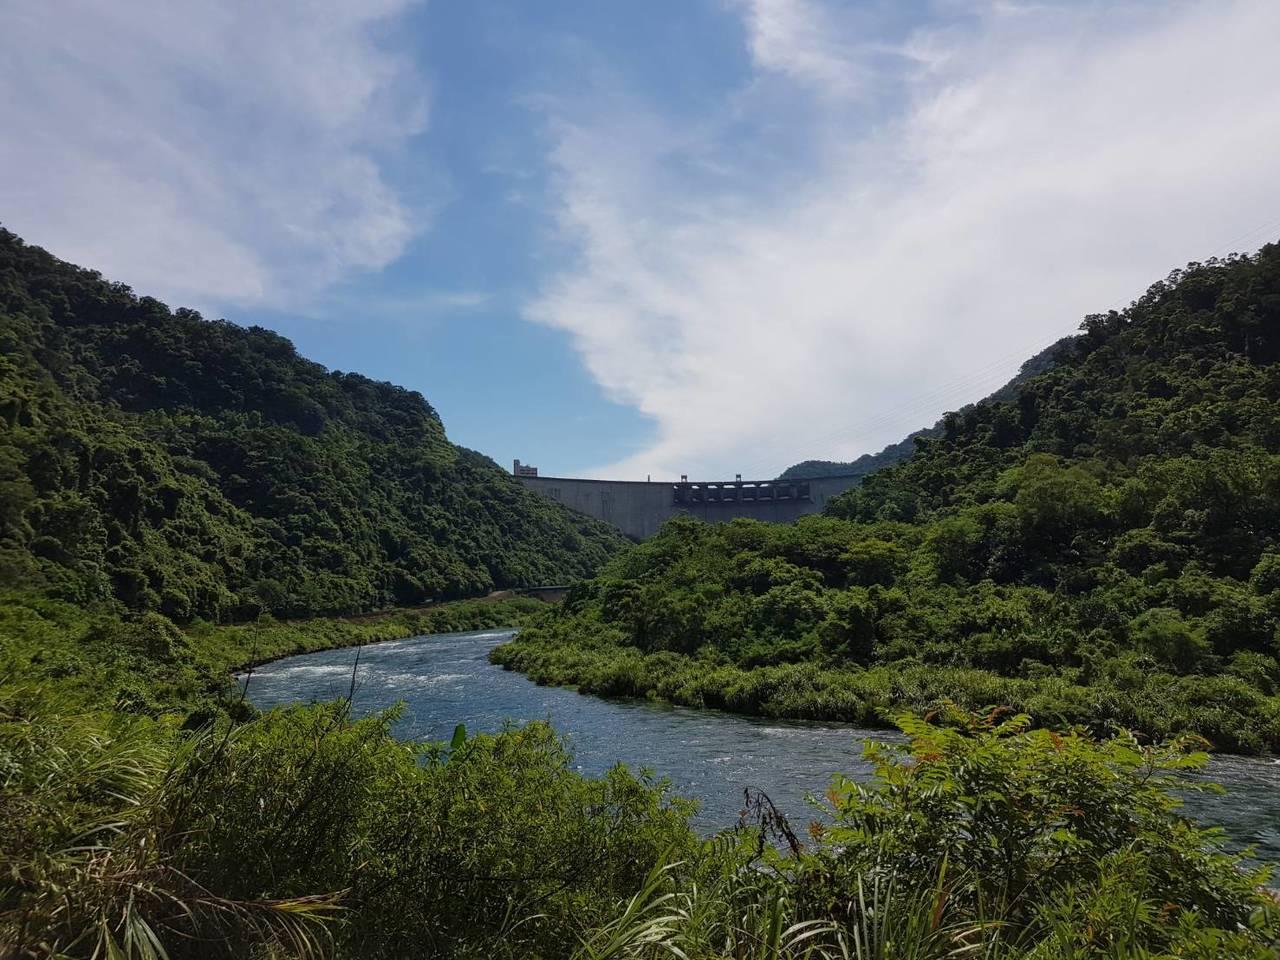 台北自來水事業處「翡翠水庫取水專管計畫」,今天在翡翠水庫動土開工。記者翁浩然/攝...